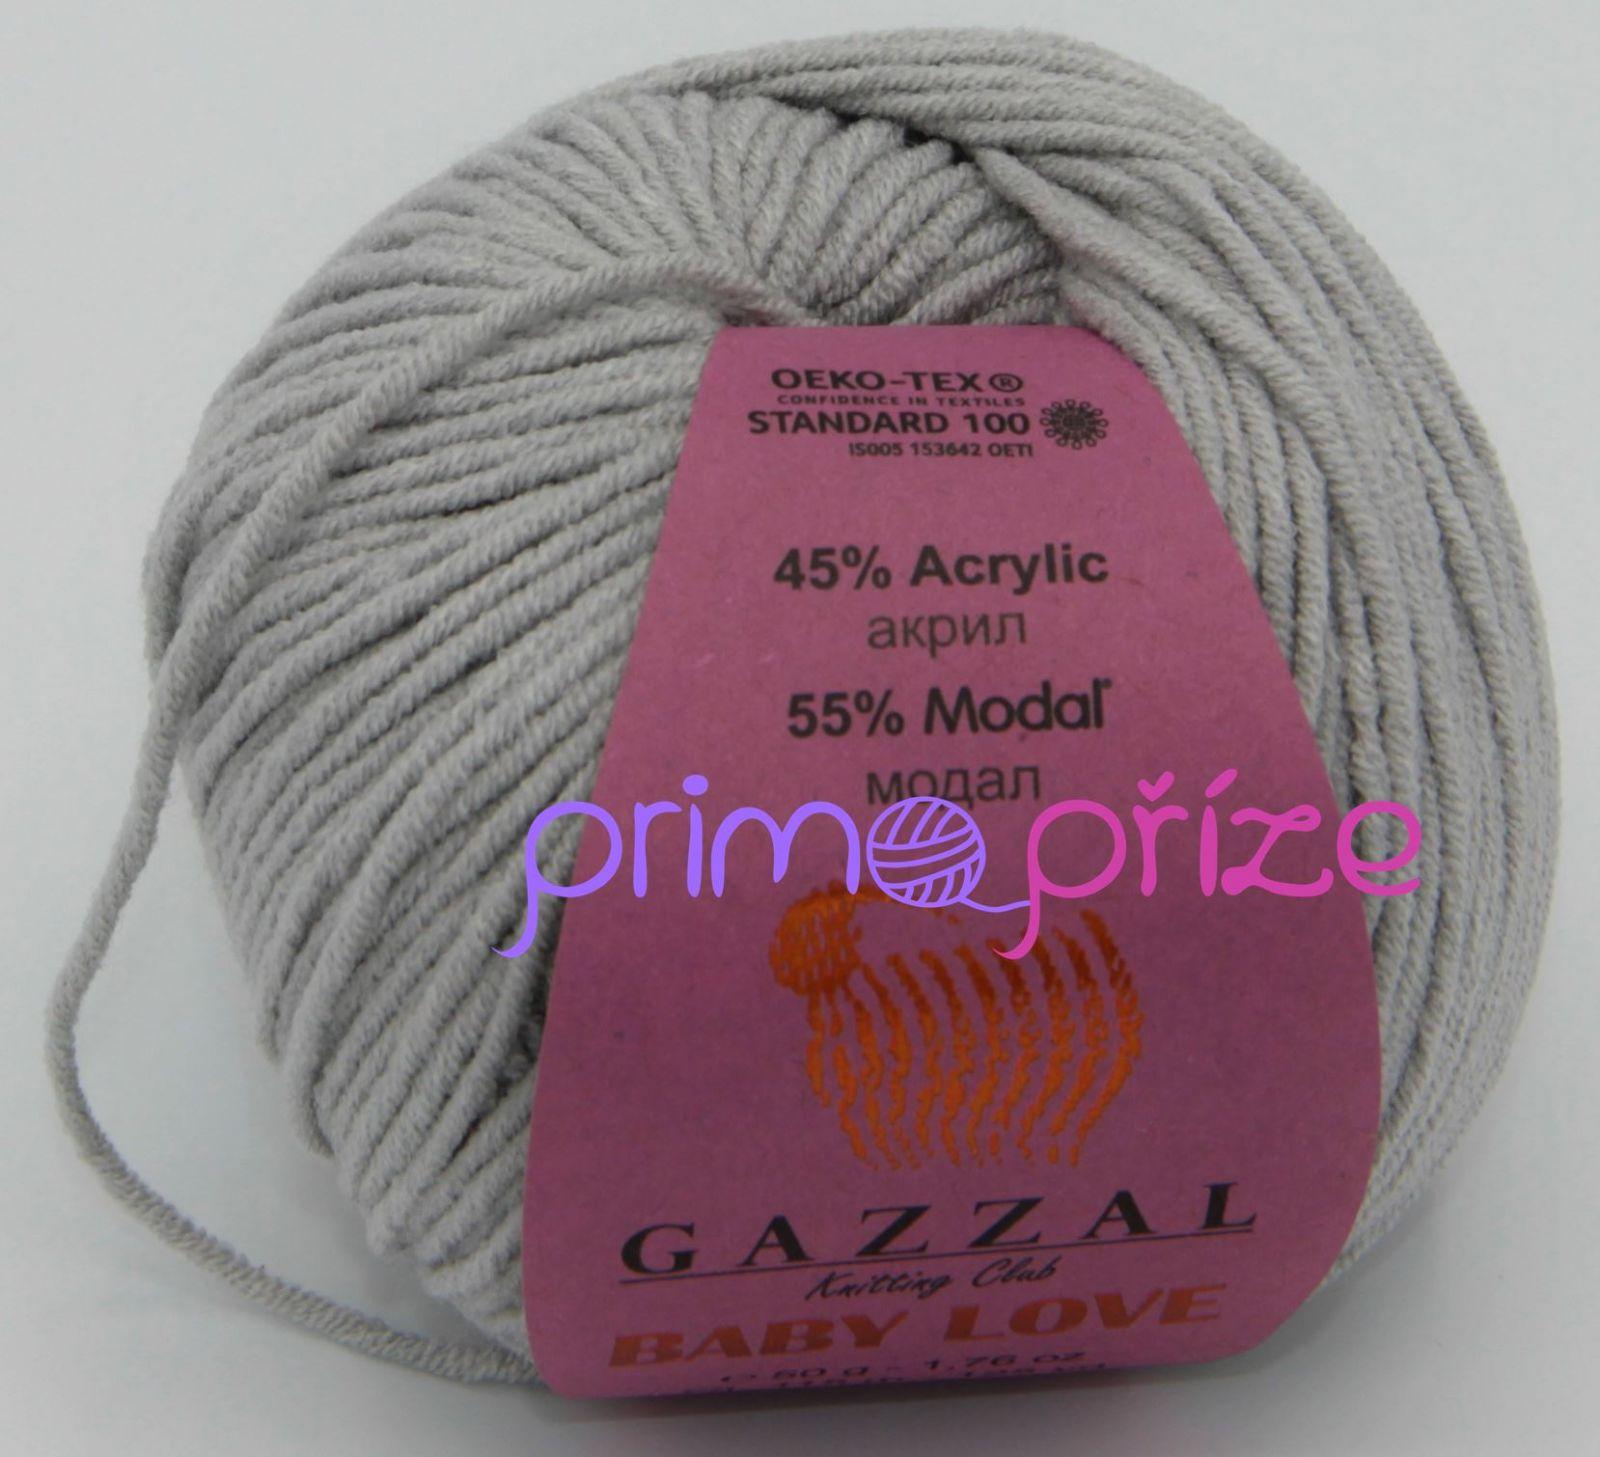 GAZZAL Baby Love 1623 světle šedá